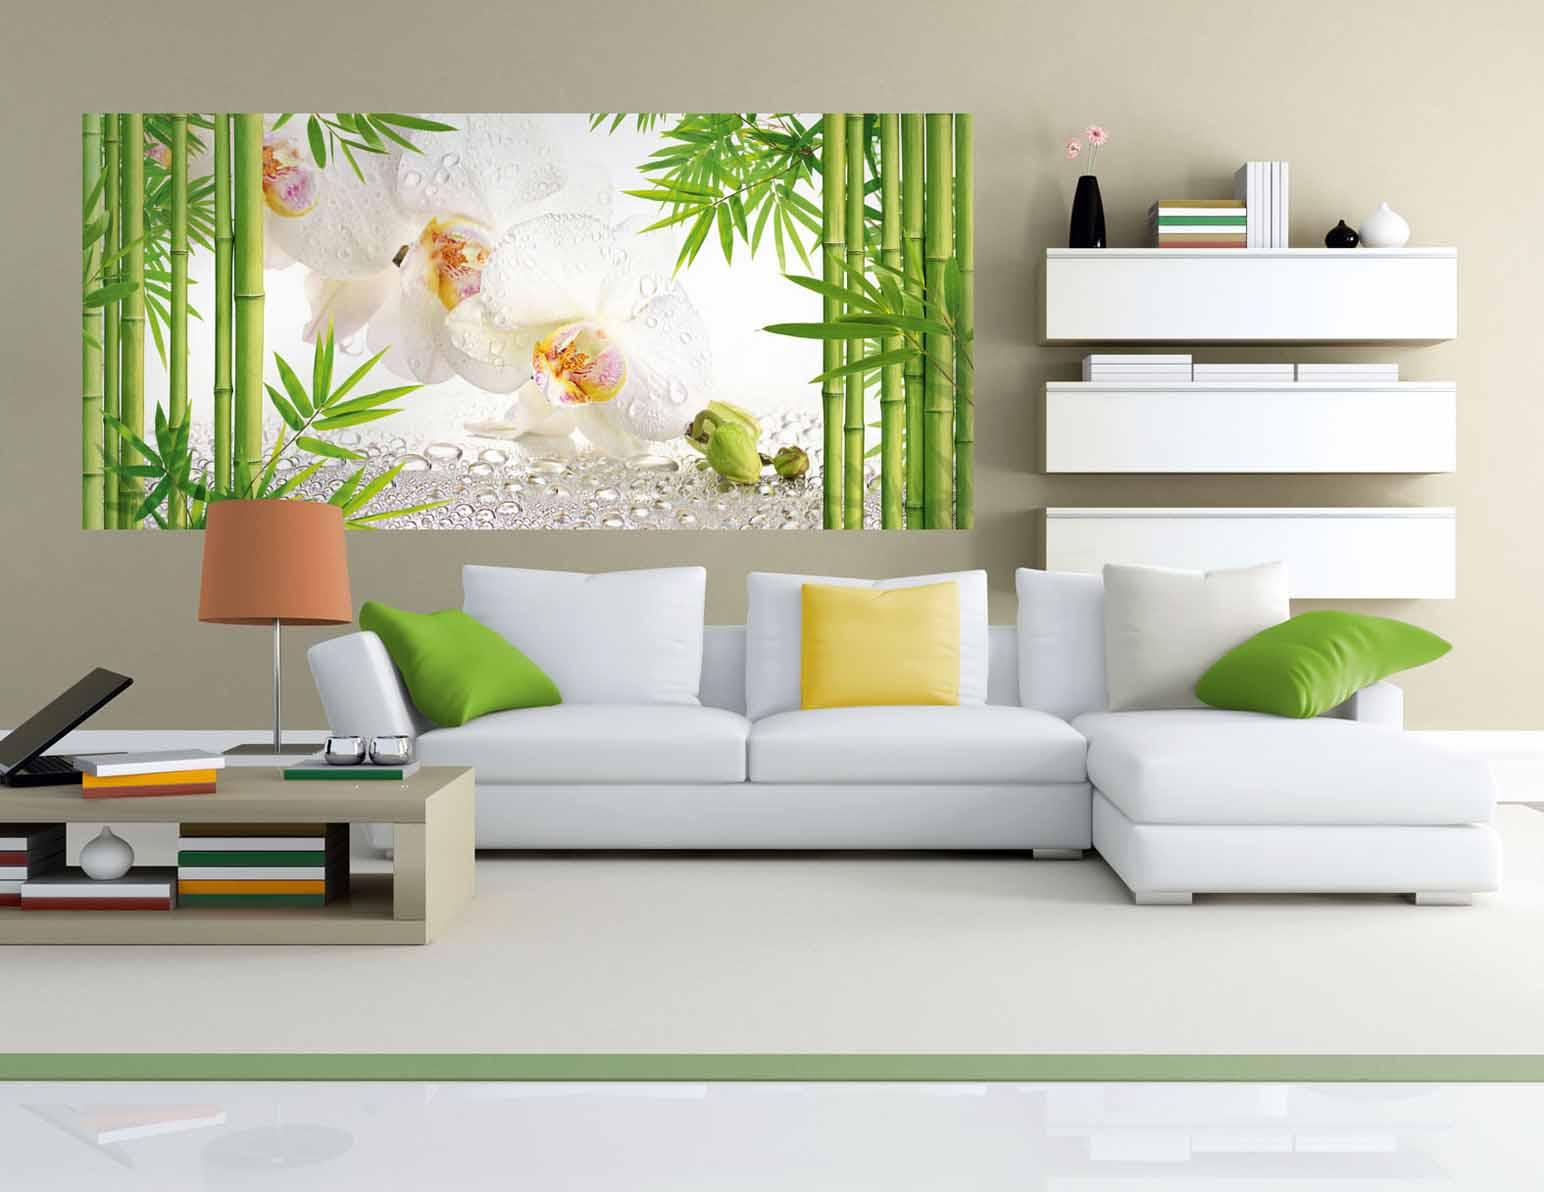 Картина с изображением бамбука и орхидей в интерьере гостиной